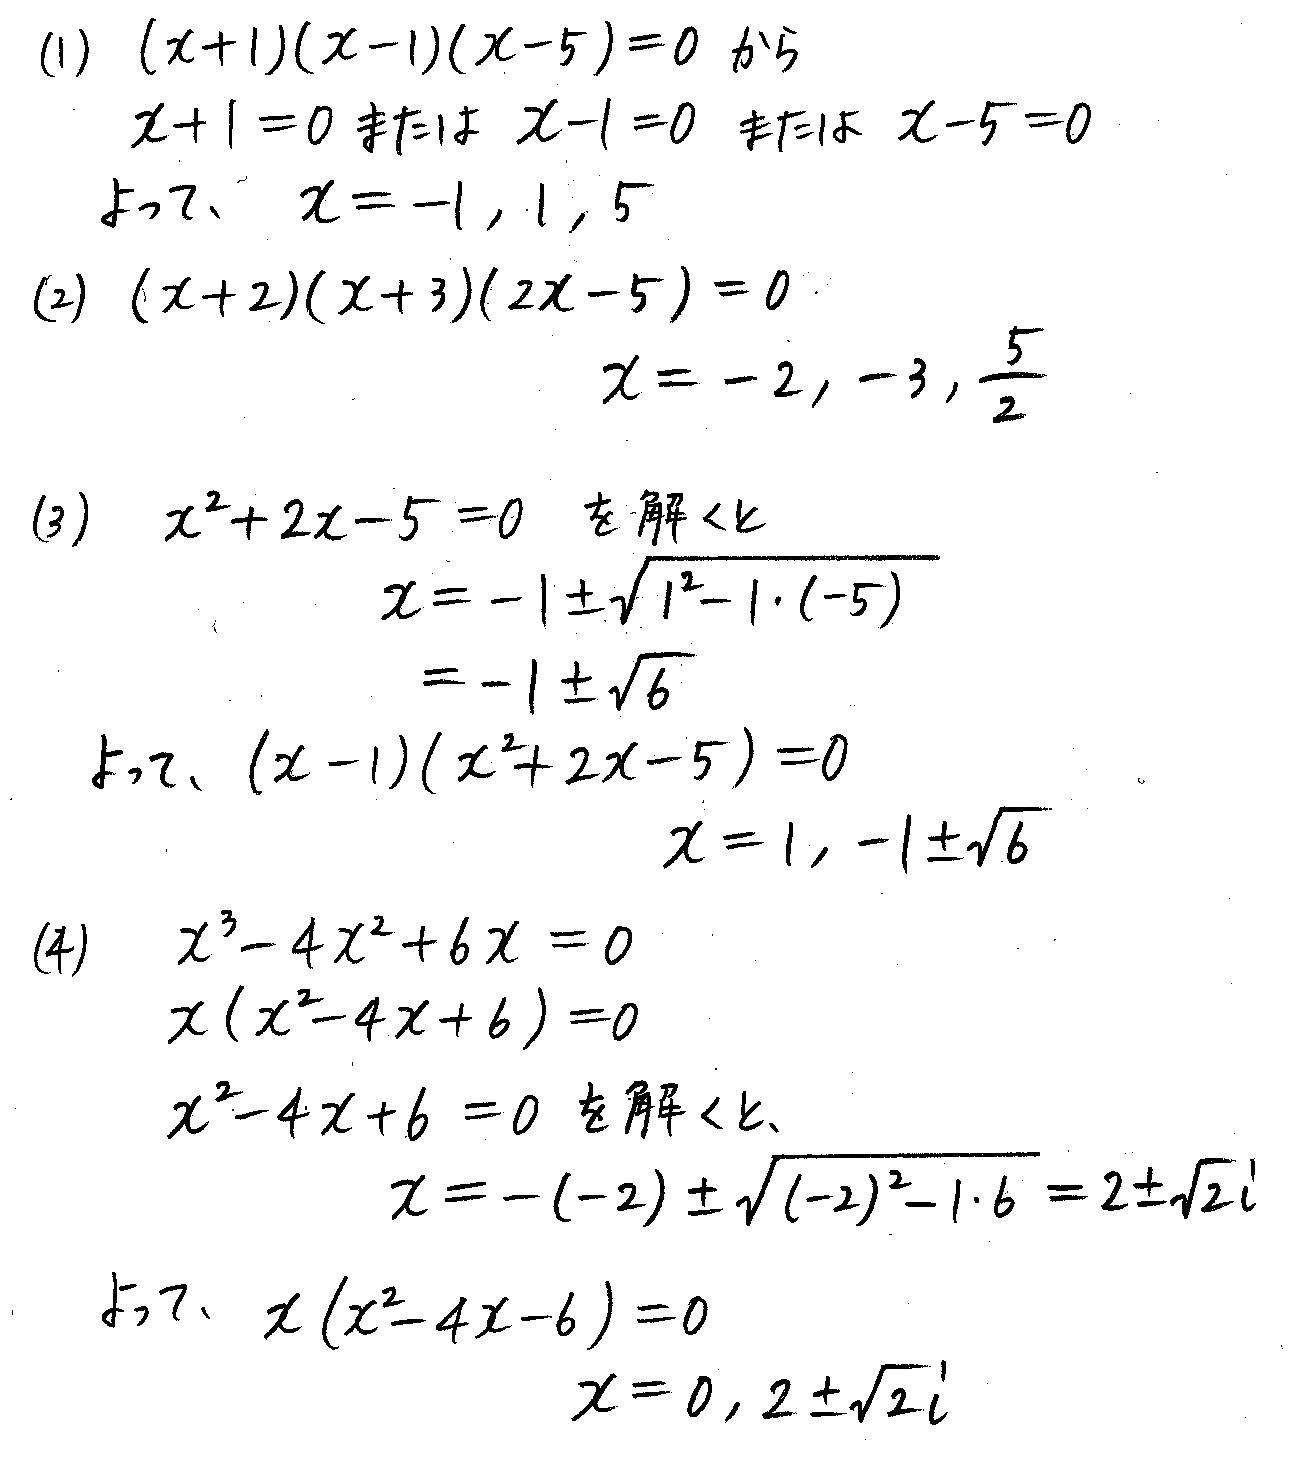 クリアー数学2-130解答